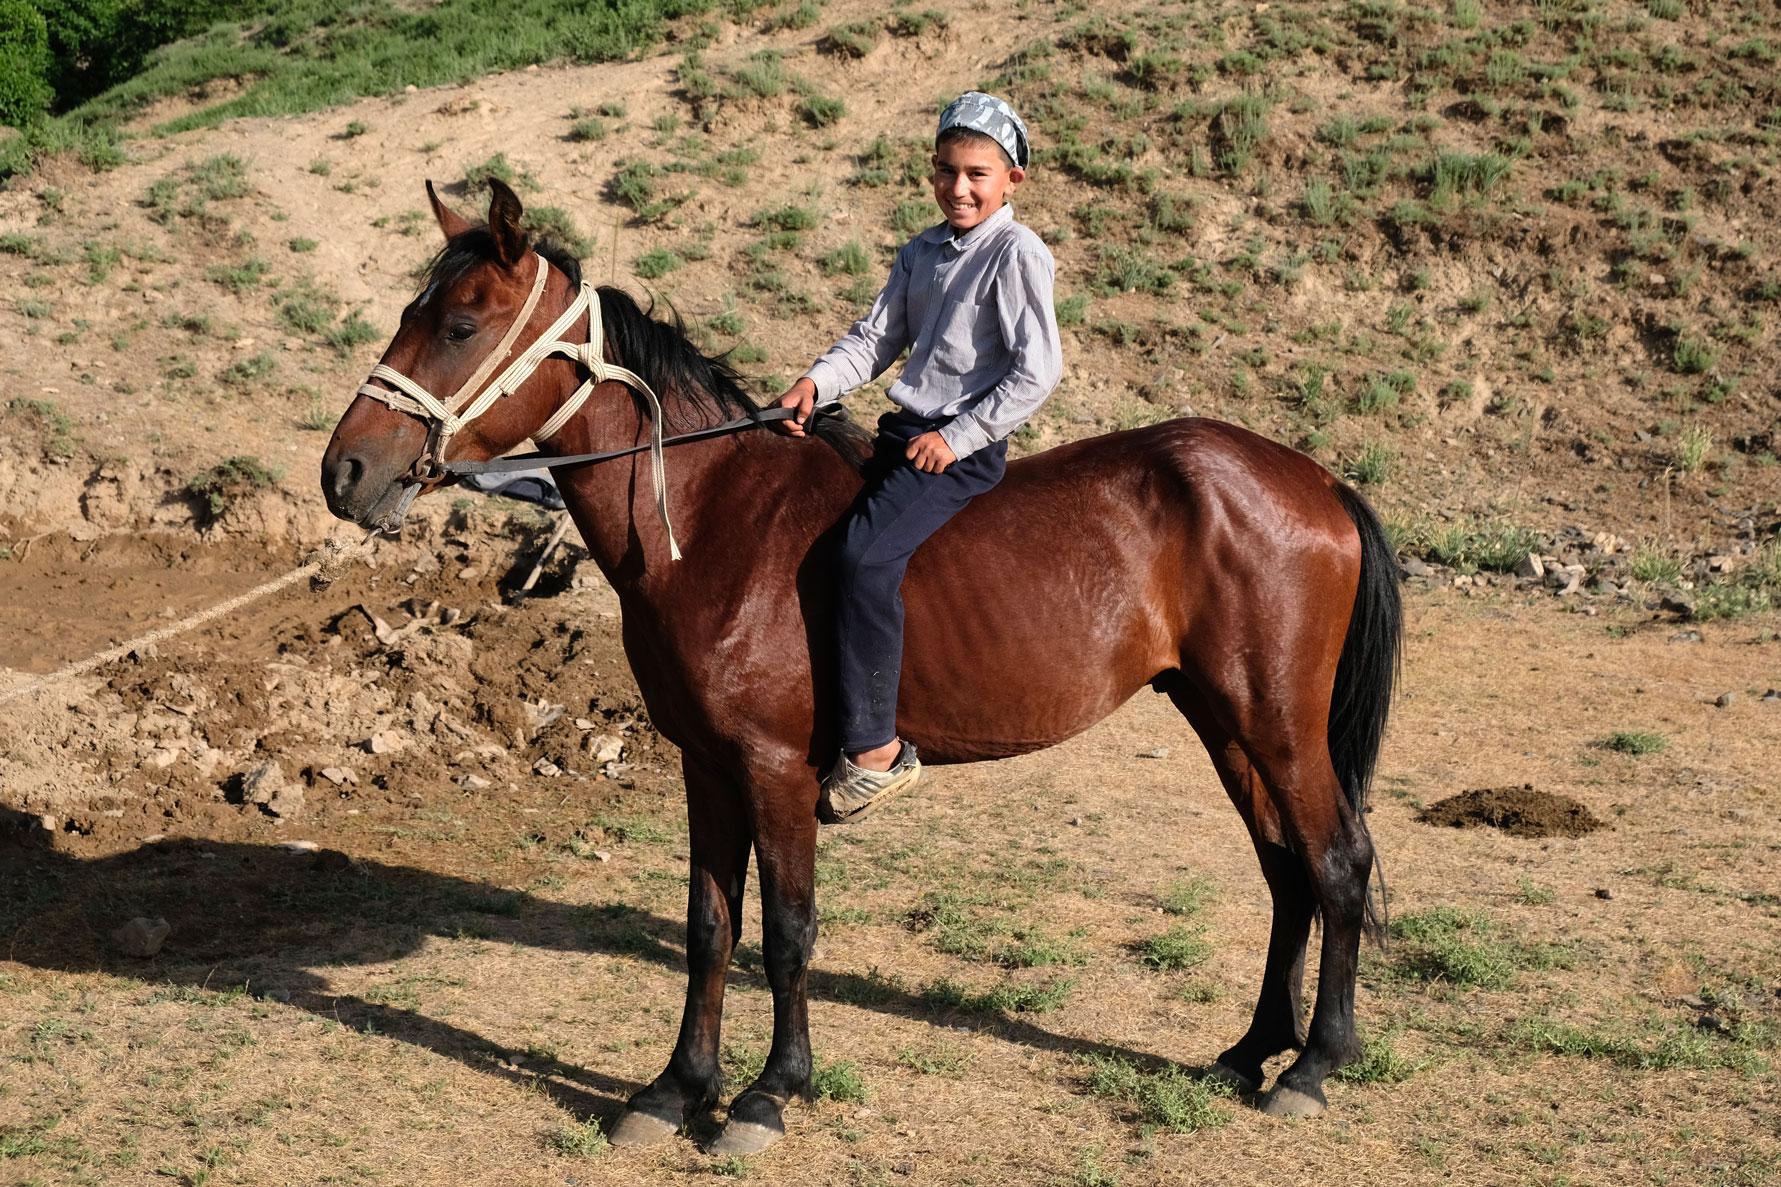 Ein Junge sitzt ohne Sattel auf einem Pferd